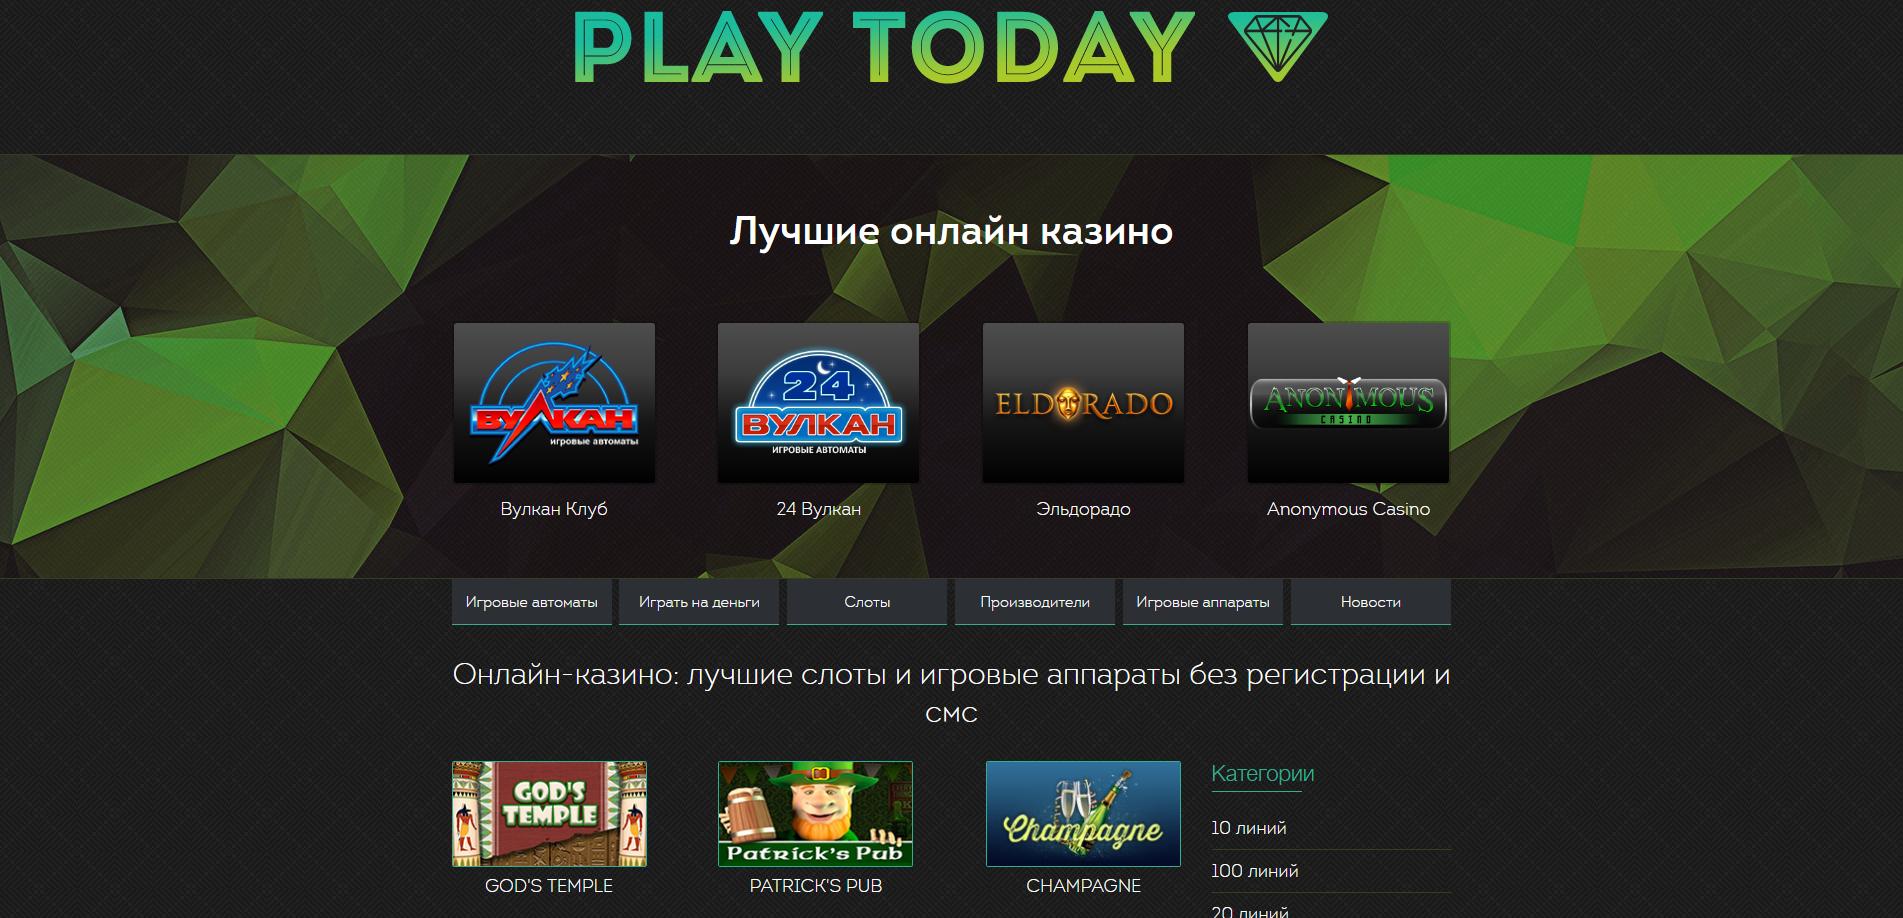 Игровые аппараты казино играть онлайн бесплатно без регистраций и смс